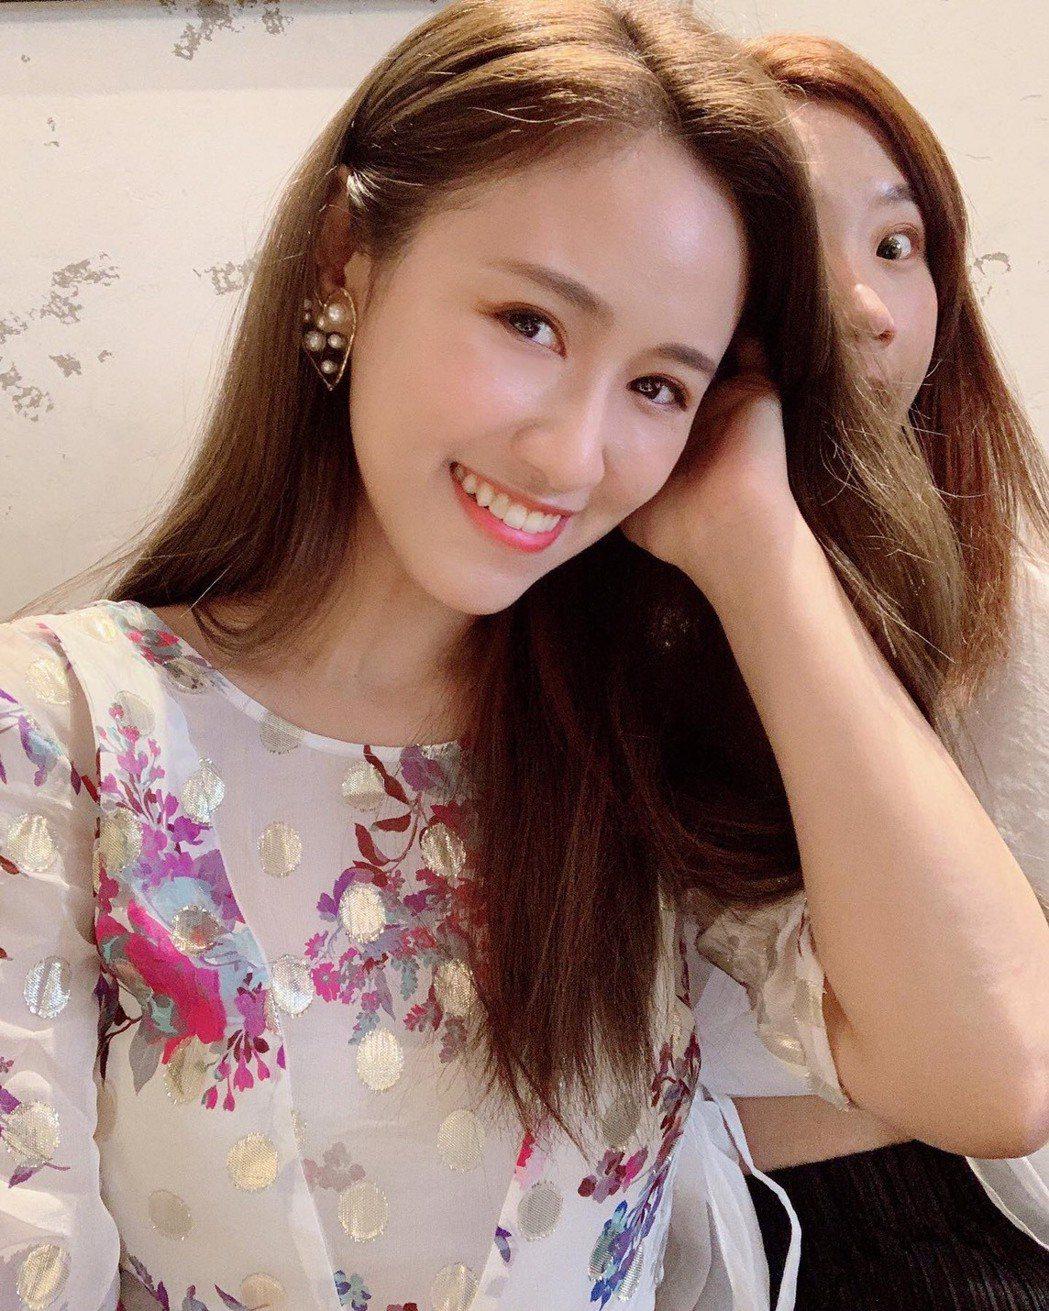 Lulu(右)和吳姍儒交情好,私下喜歡搞笑,遮臉搶鏡都沒關係。圖/吳姍儒臉書